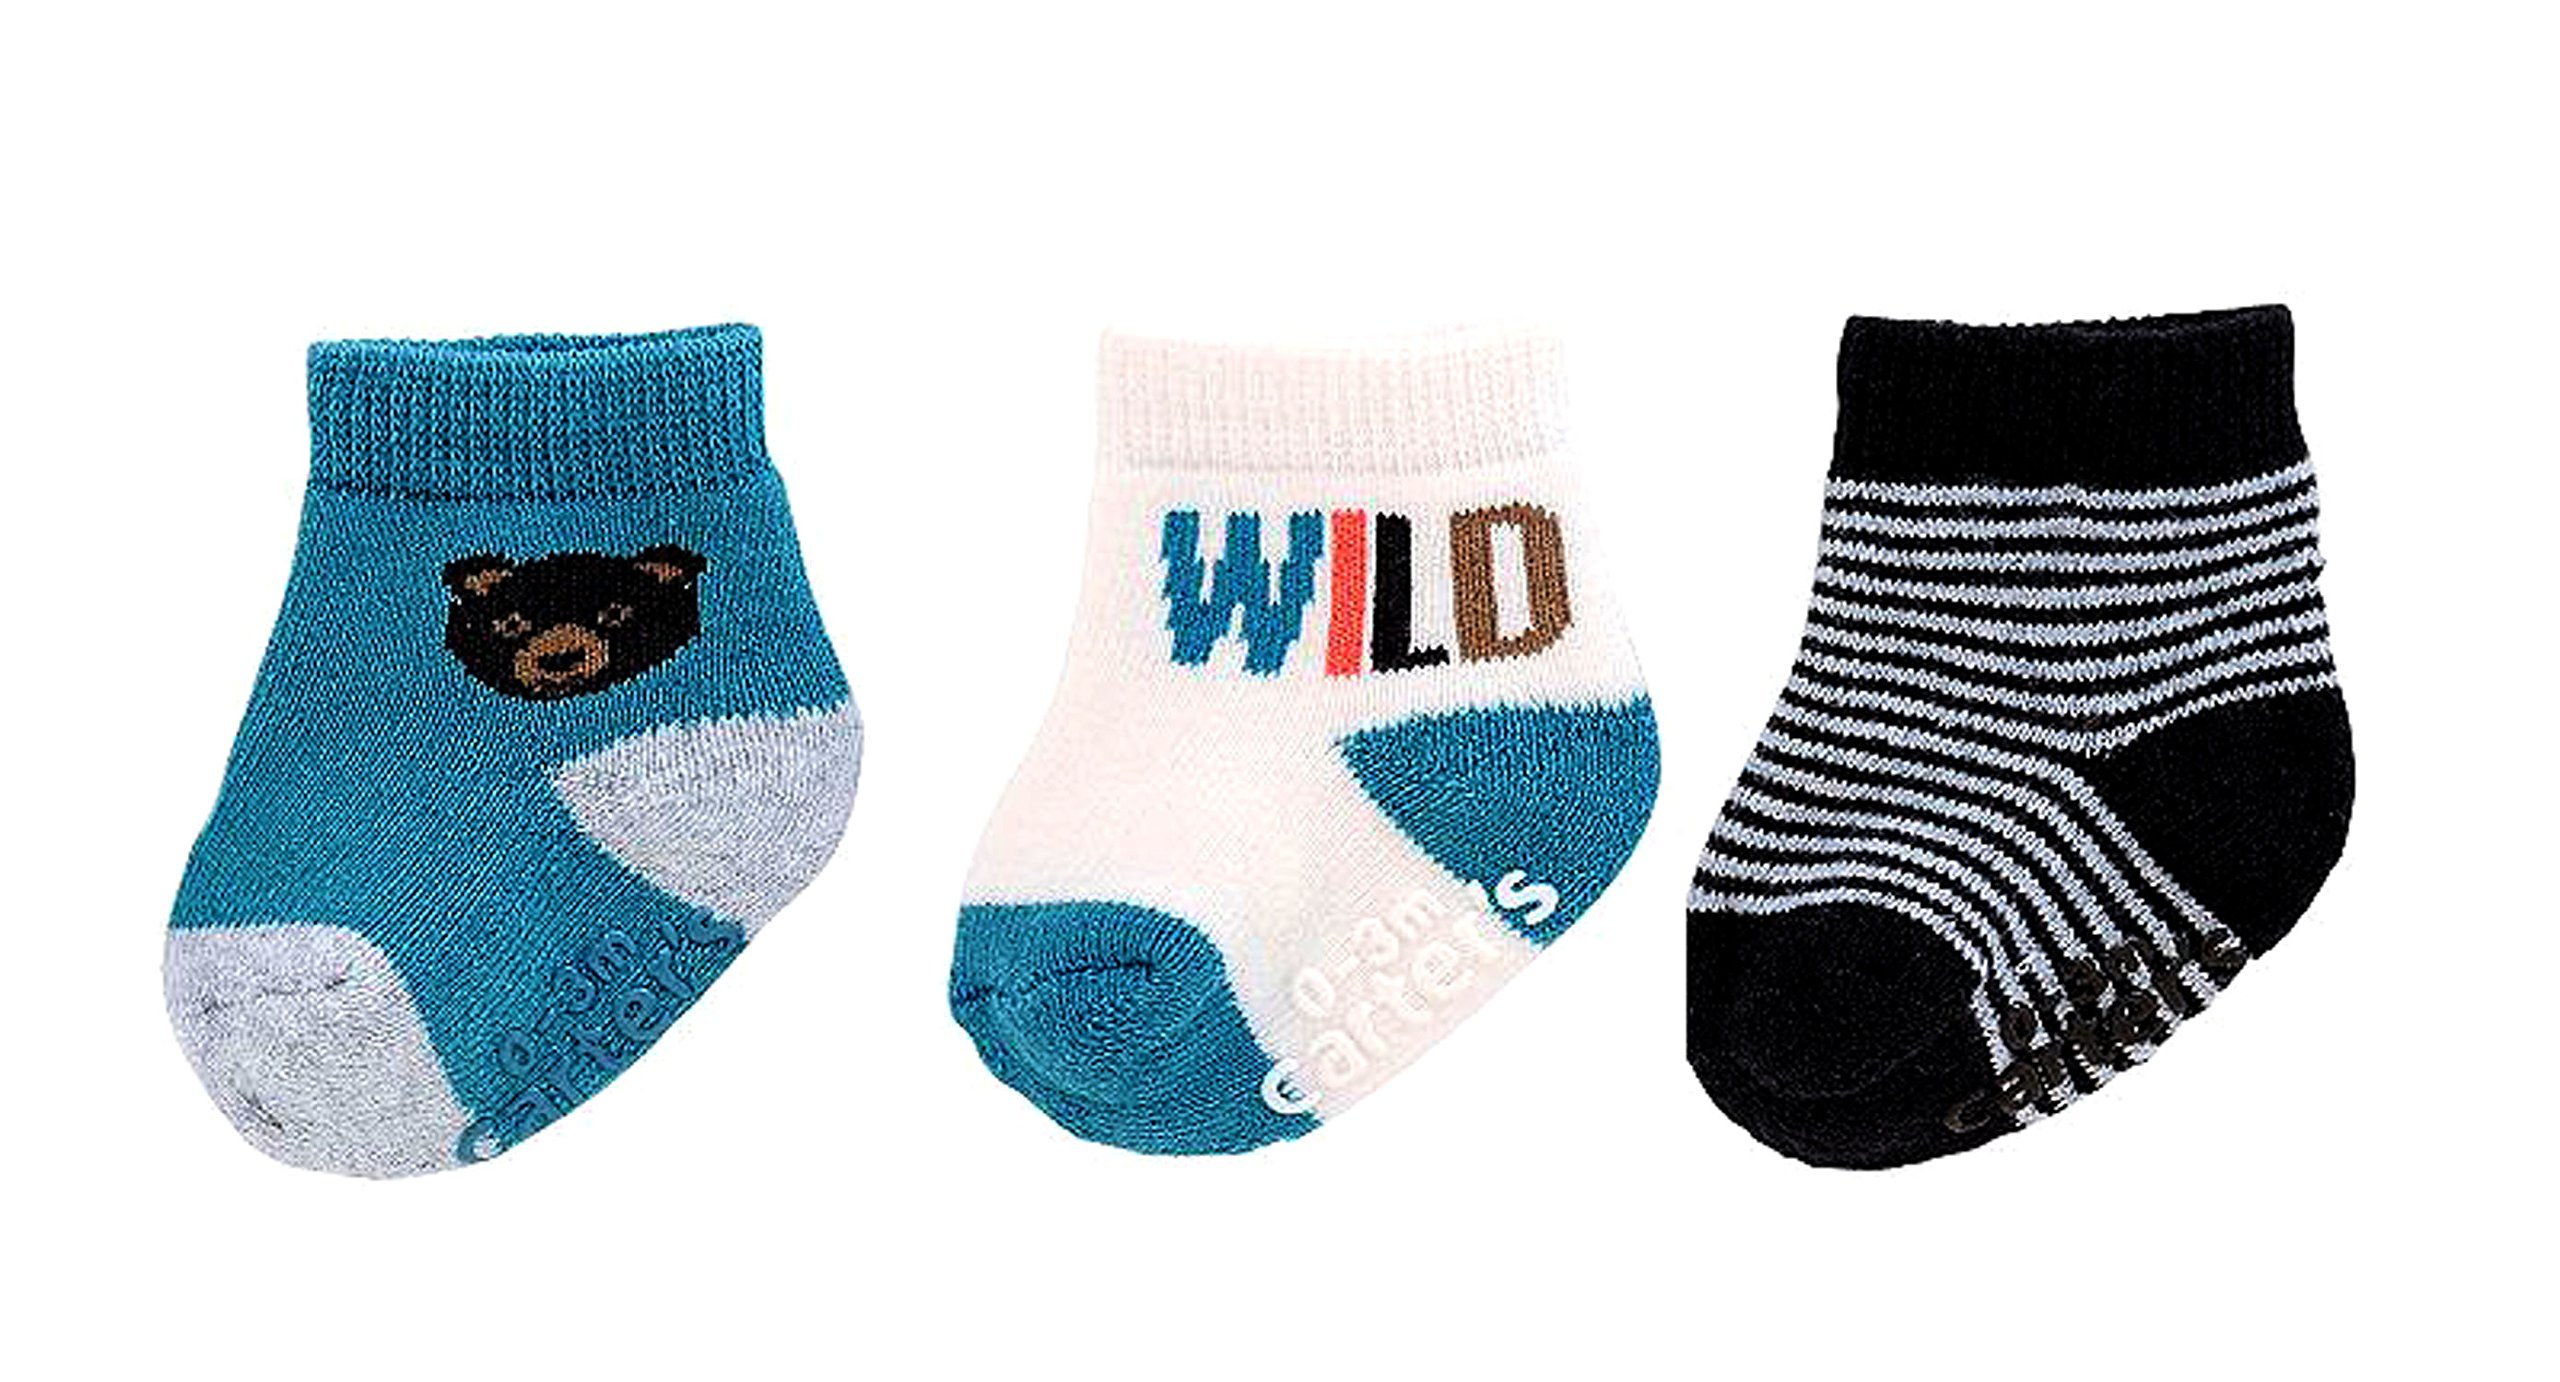 Carter's Baby Boys' 3-Pack Happy Camper Keepsake Socks 0-3 Months